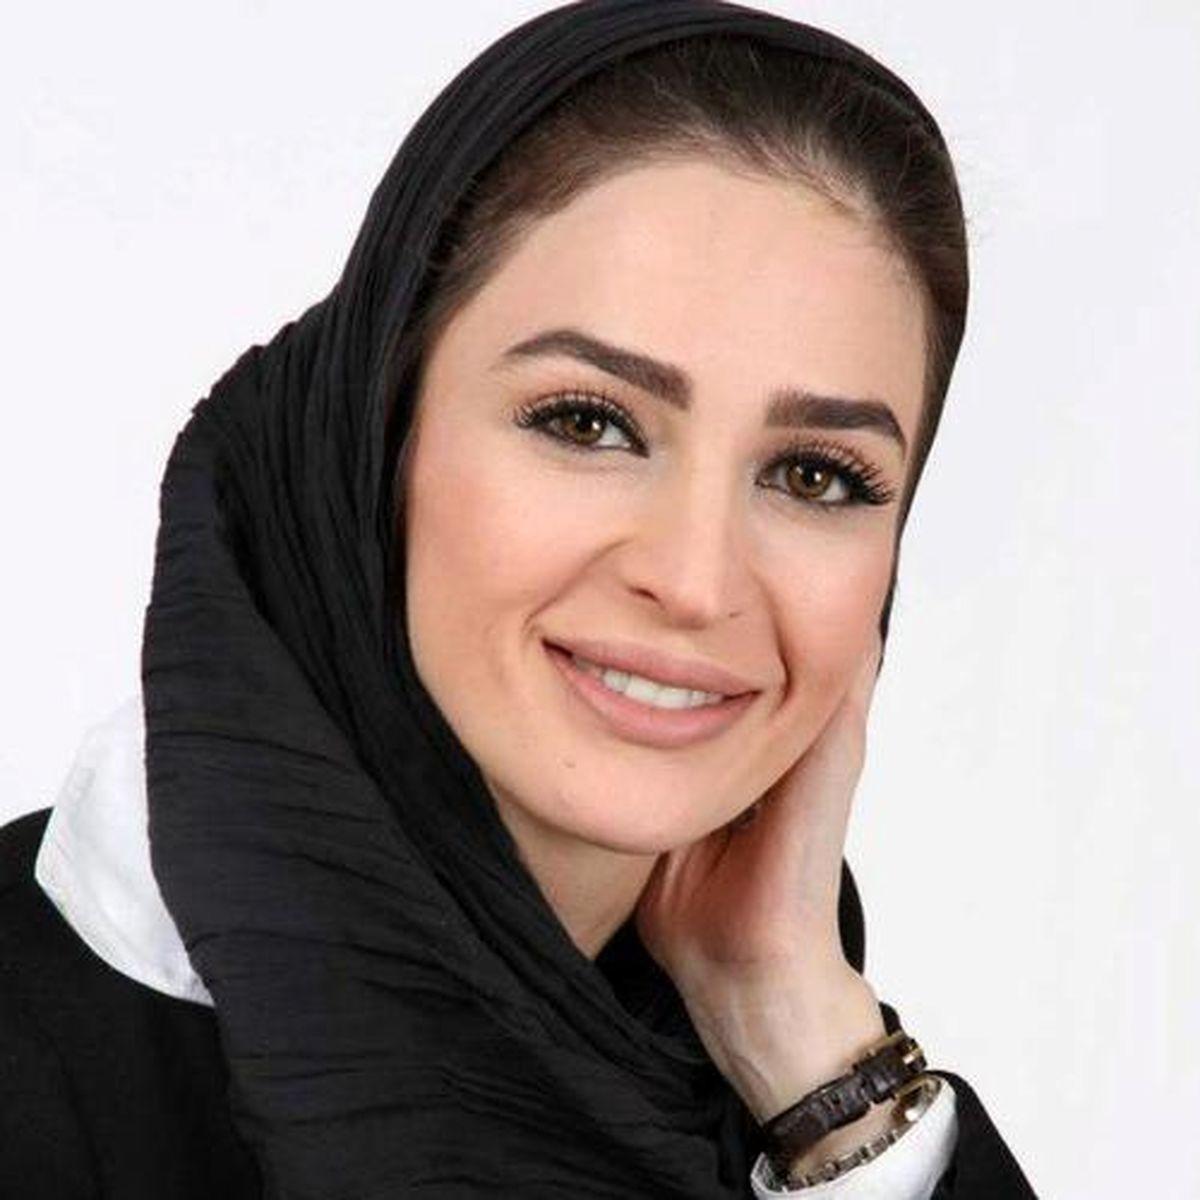 بازیگران ایرانی که ناکام از دنیا رفتند + عکس و فیلم